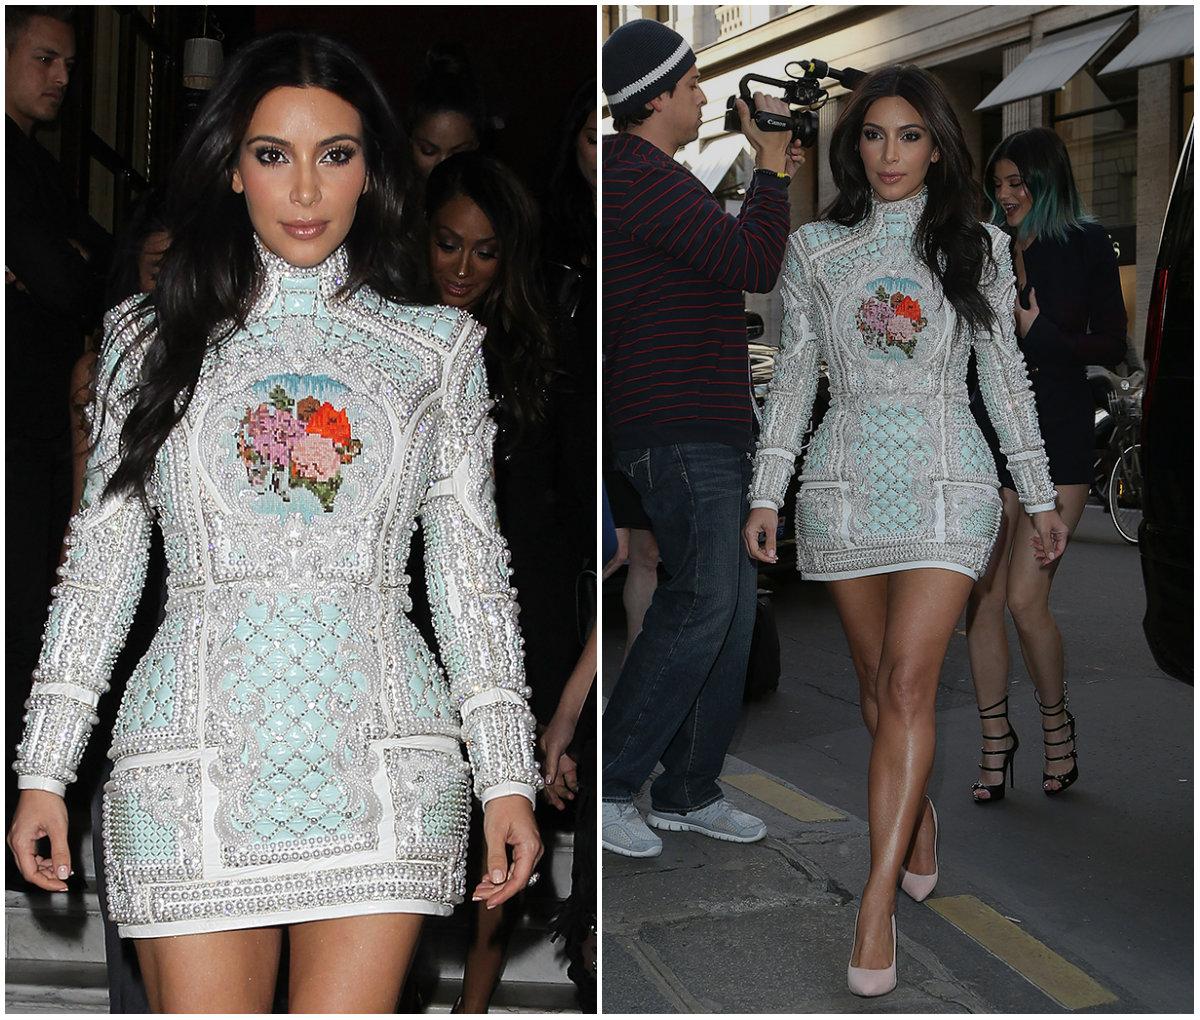 Ксению Бородину уличили в ношении подделки платья, как у Ким Кардашьян - фото №2